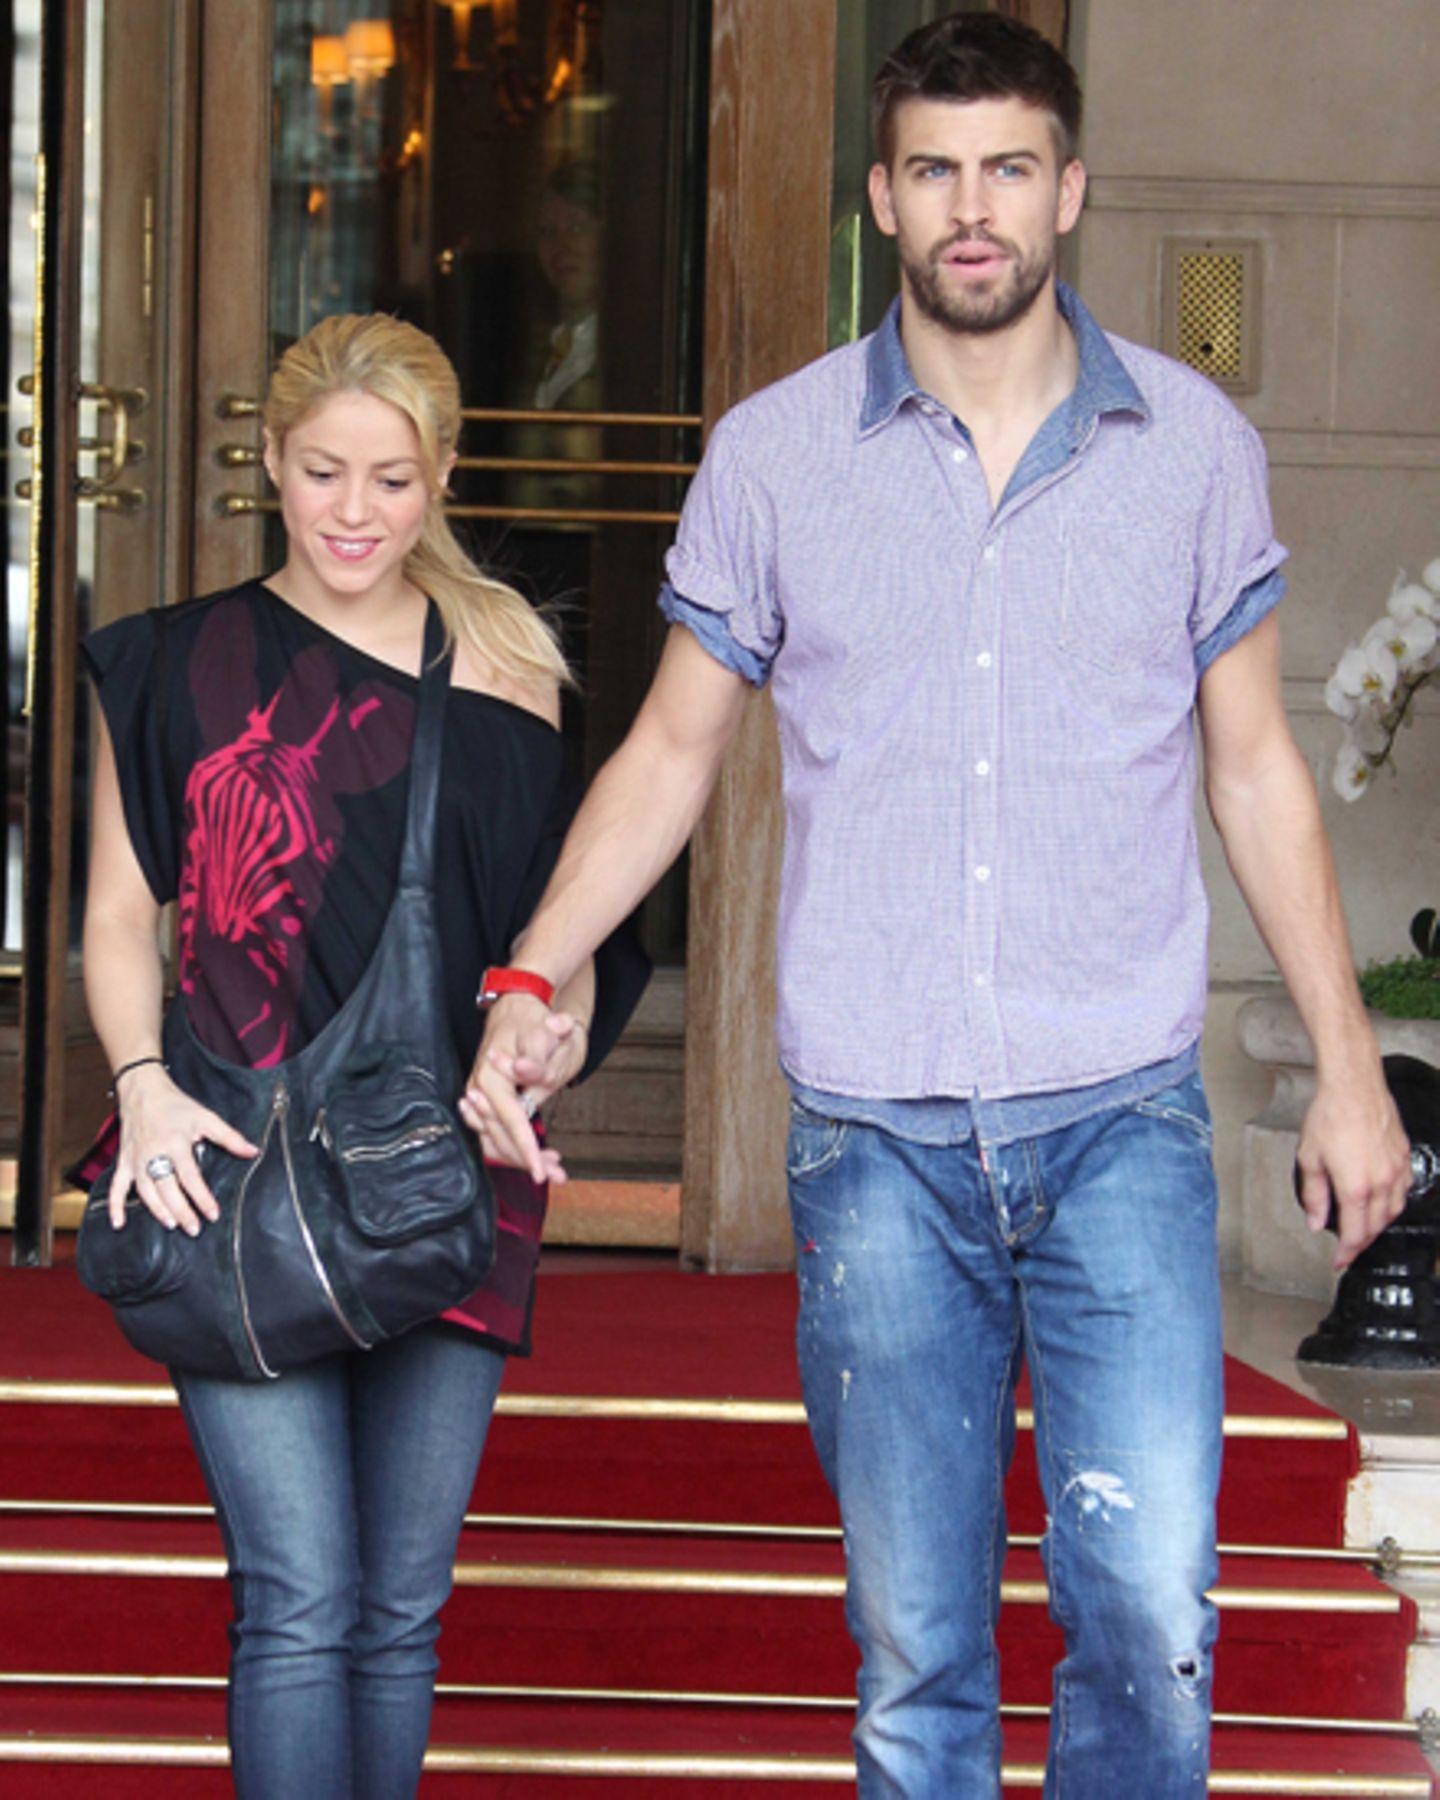 Seit Anfang 2011 sind Shakira, 35, und der spanische Fußballer Gerard Piqué, 25, offiziell ein Paar. Mitte September verkündete